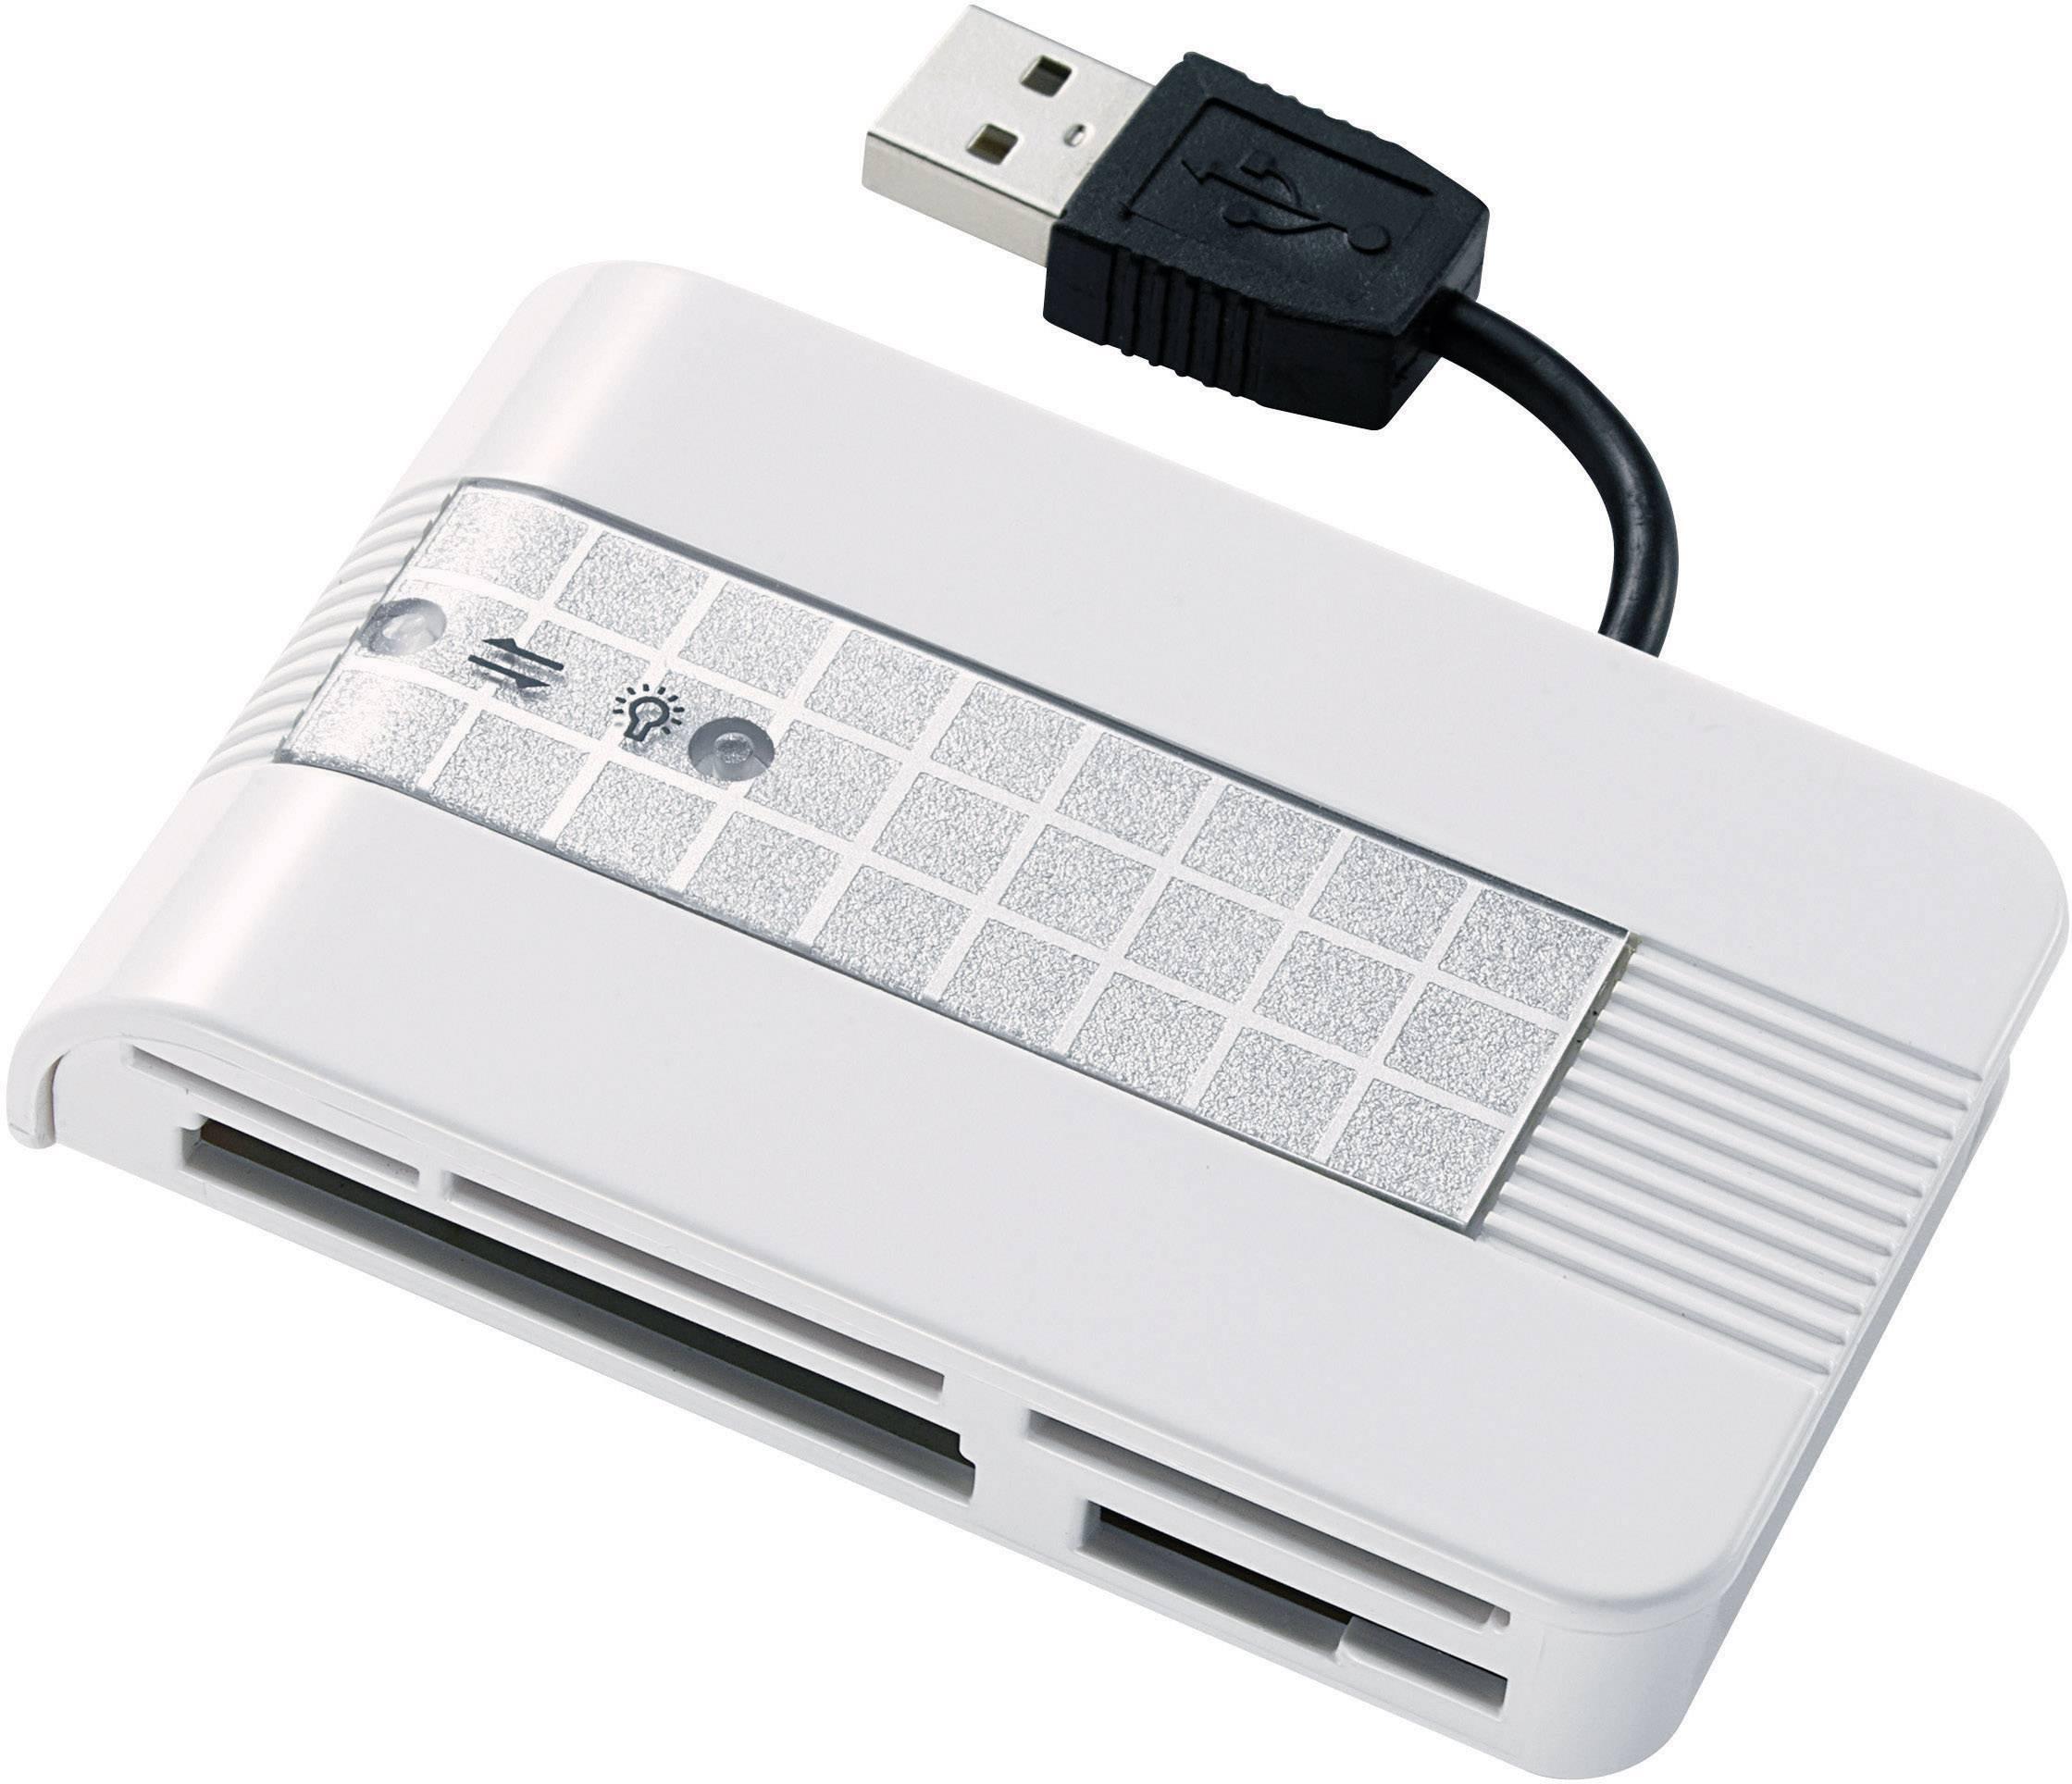 Externí čtečka paměťových karet Renkforce CR22e-SIM, USB 2.0, stříbrná